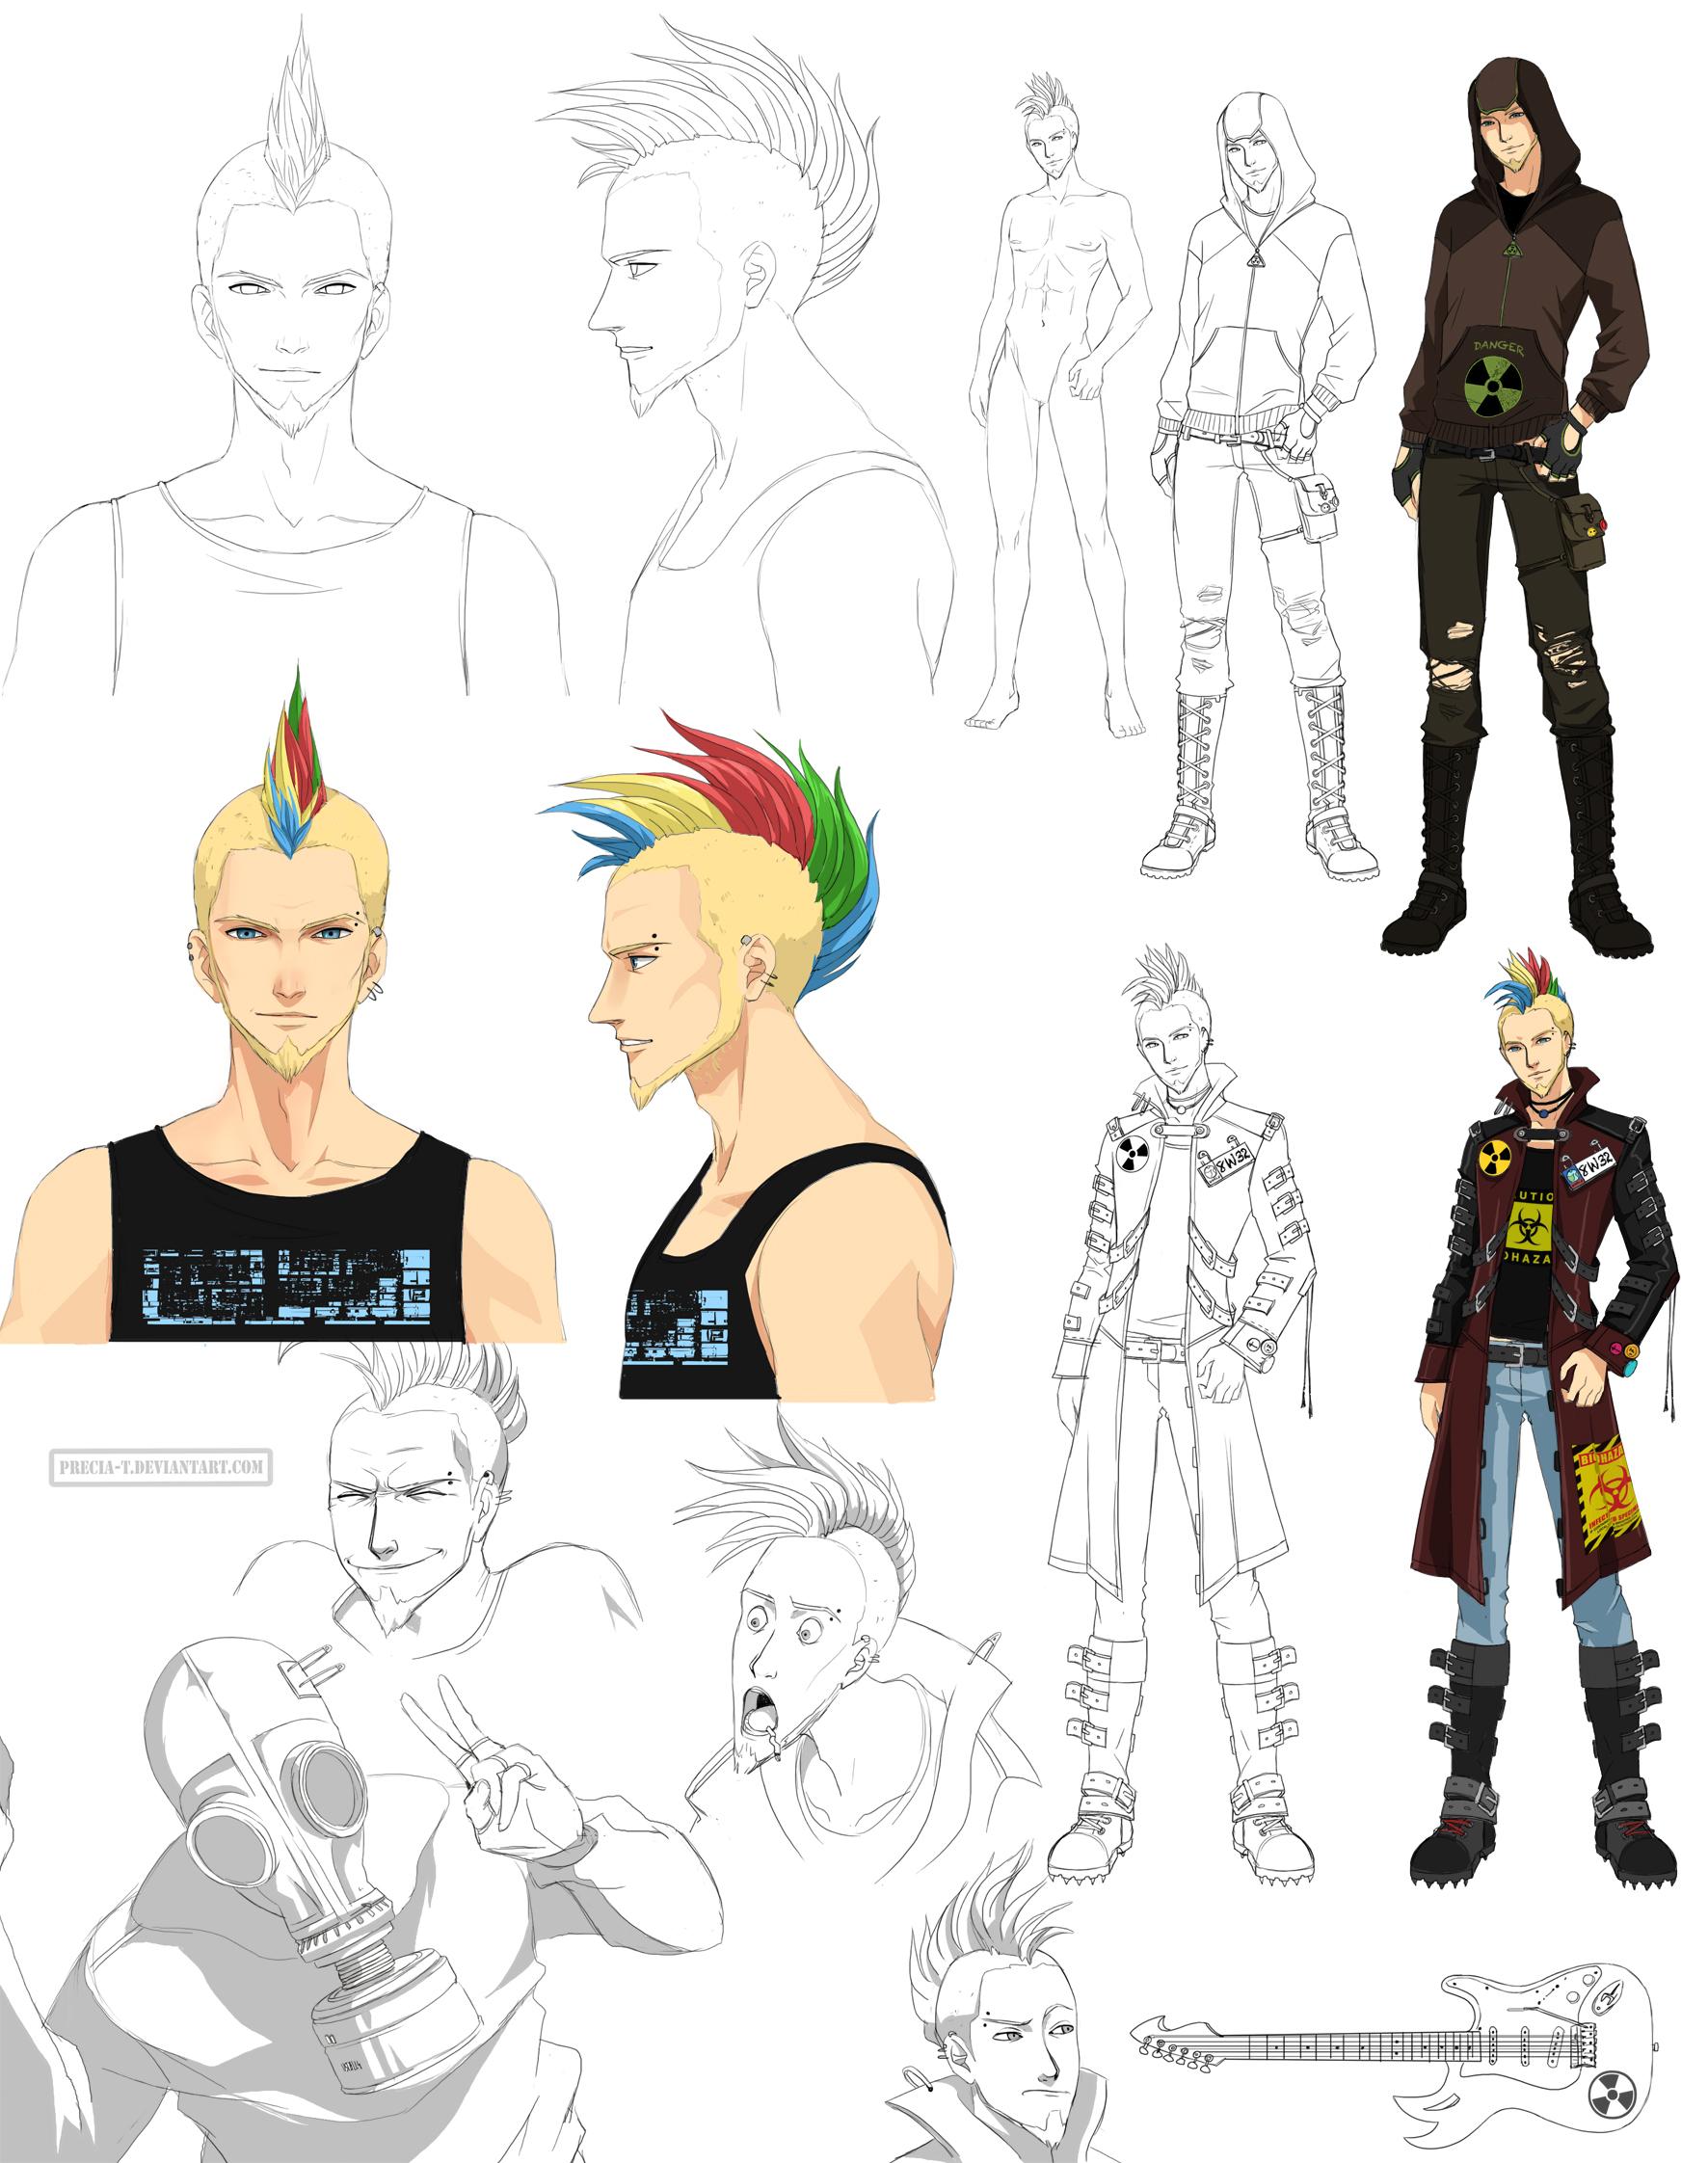 Punk guy design - Rad (Commission) by Precia-T